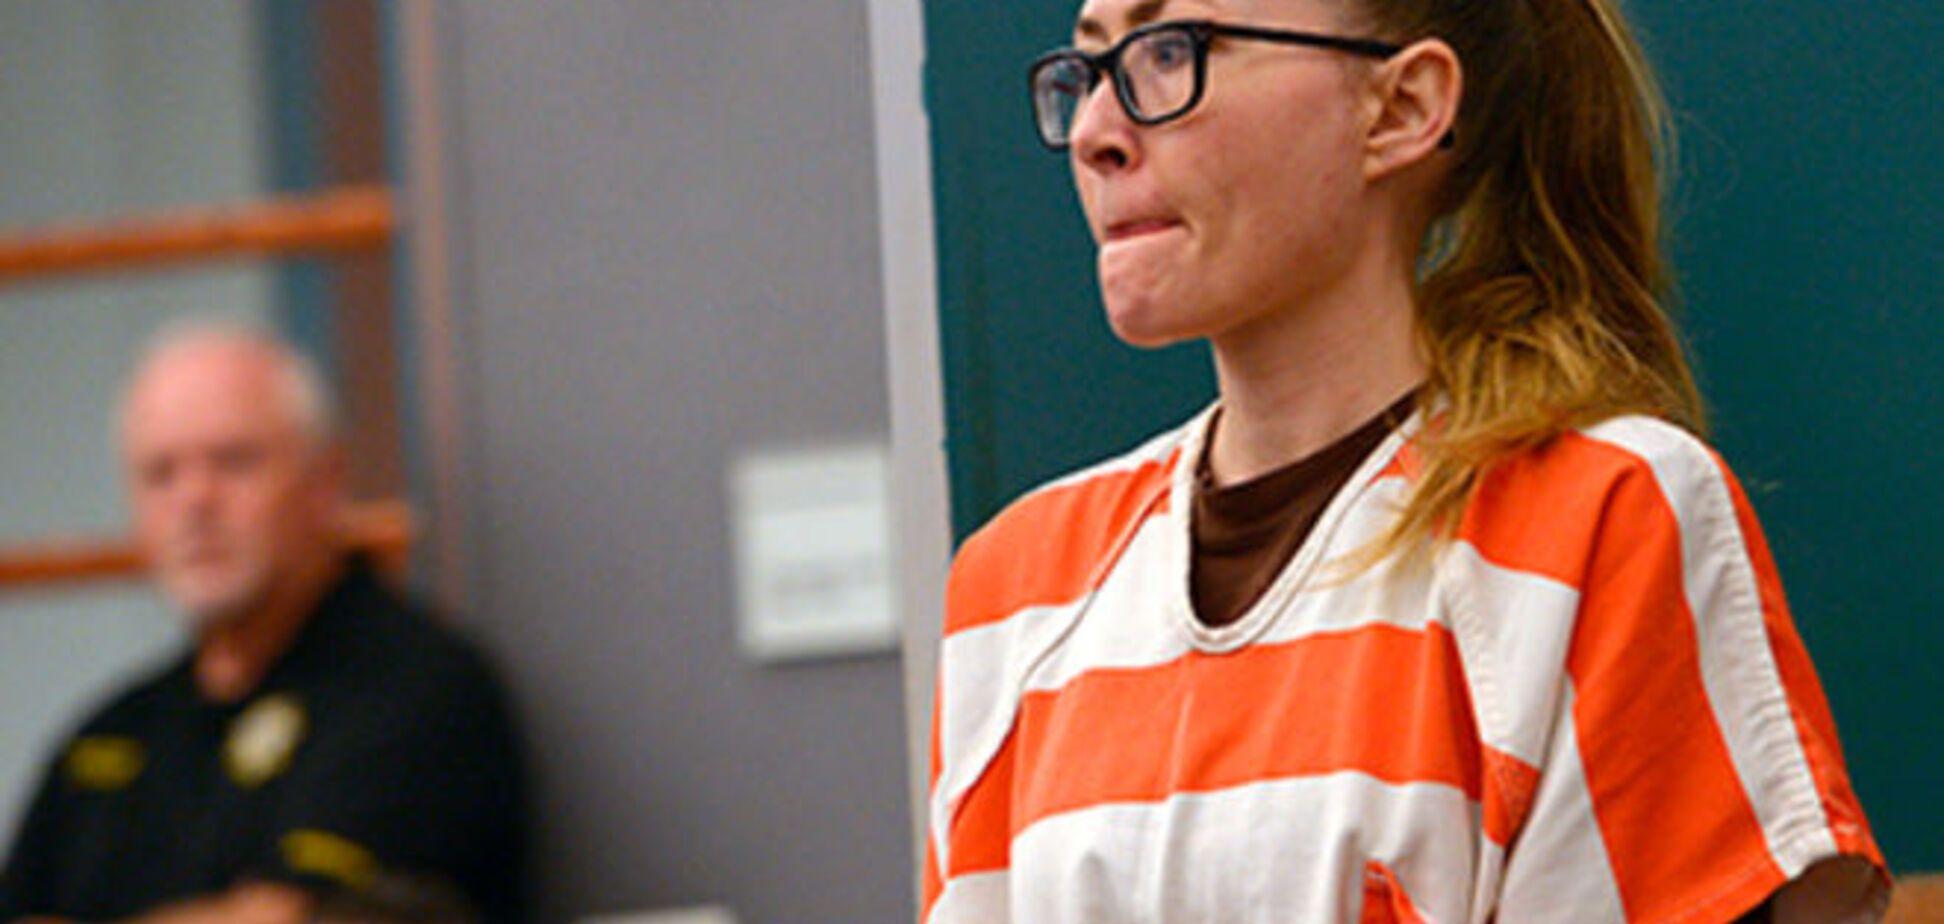 Американская трагедия: учительница получила 30 лет за секс с тремя учениками